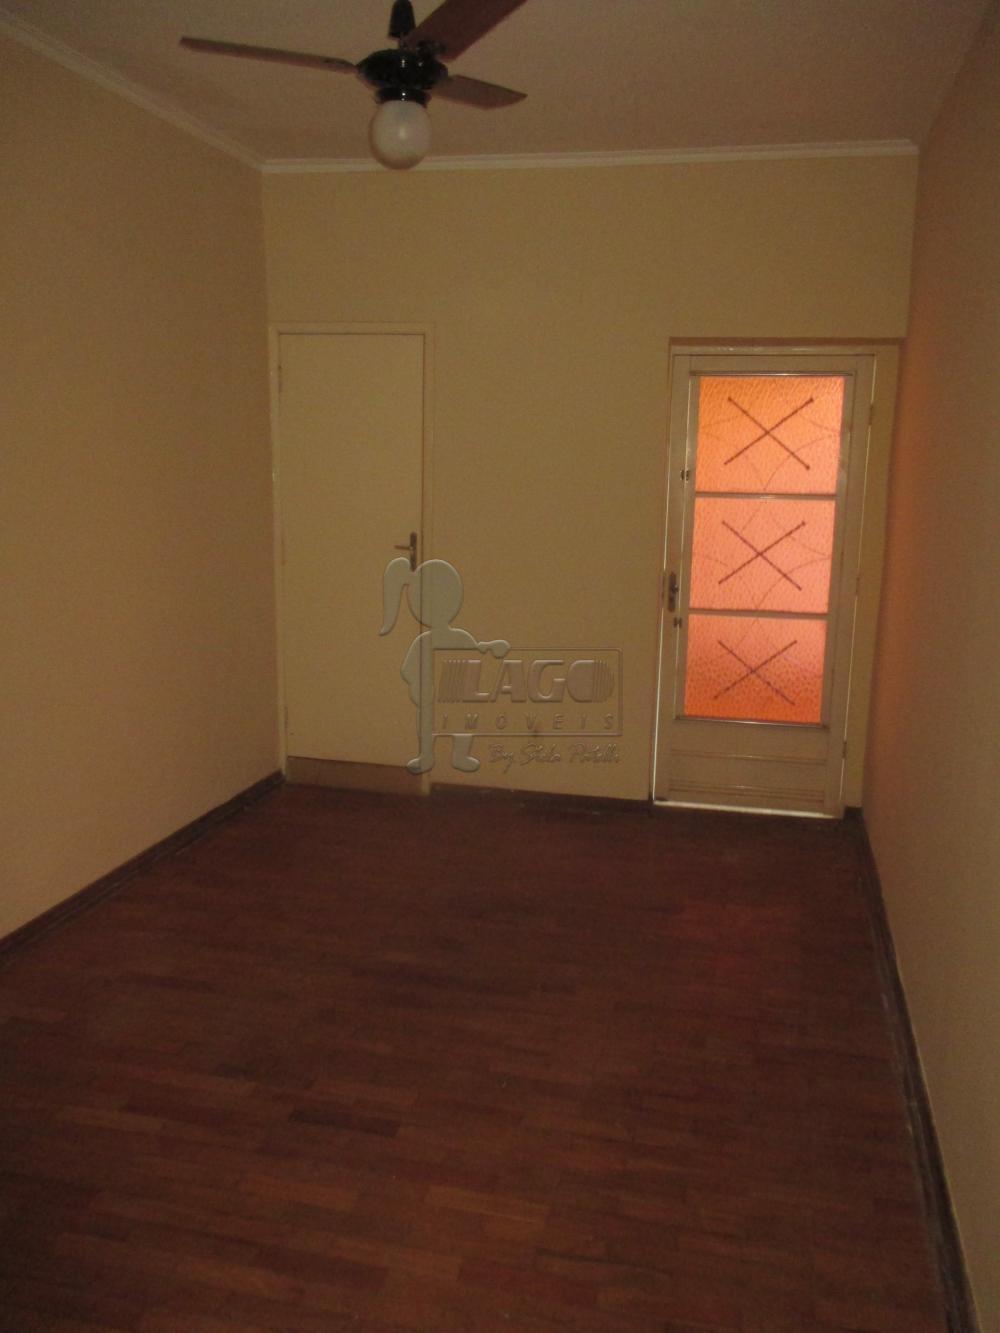 Alugar Casas / Padrão em Ribeirão Preto apenas R$ 1.500,00 - Foto 13